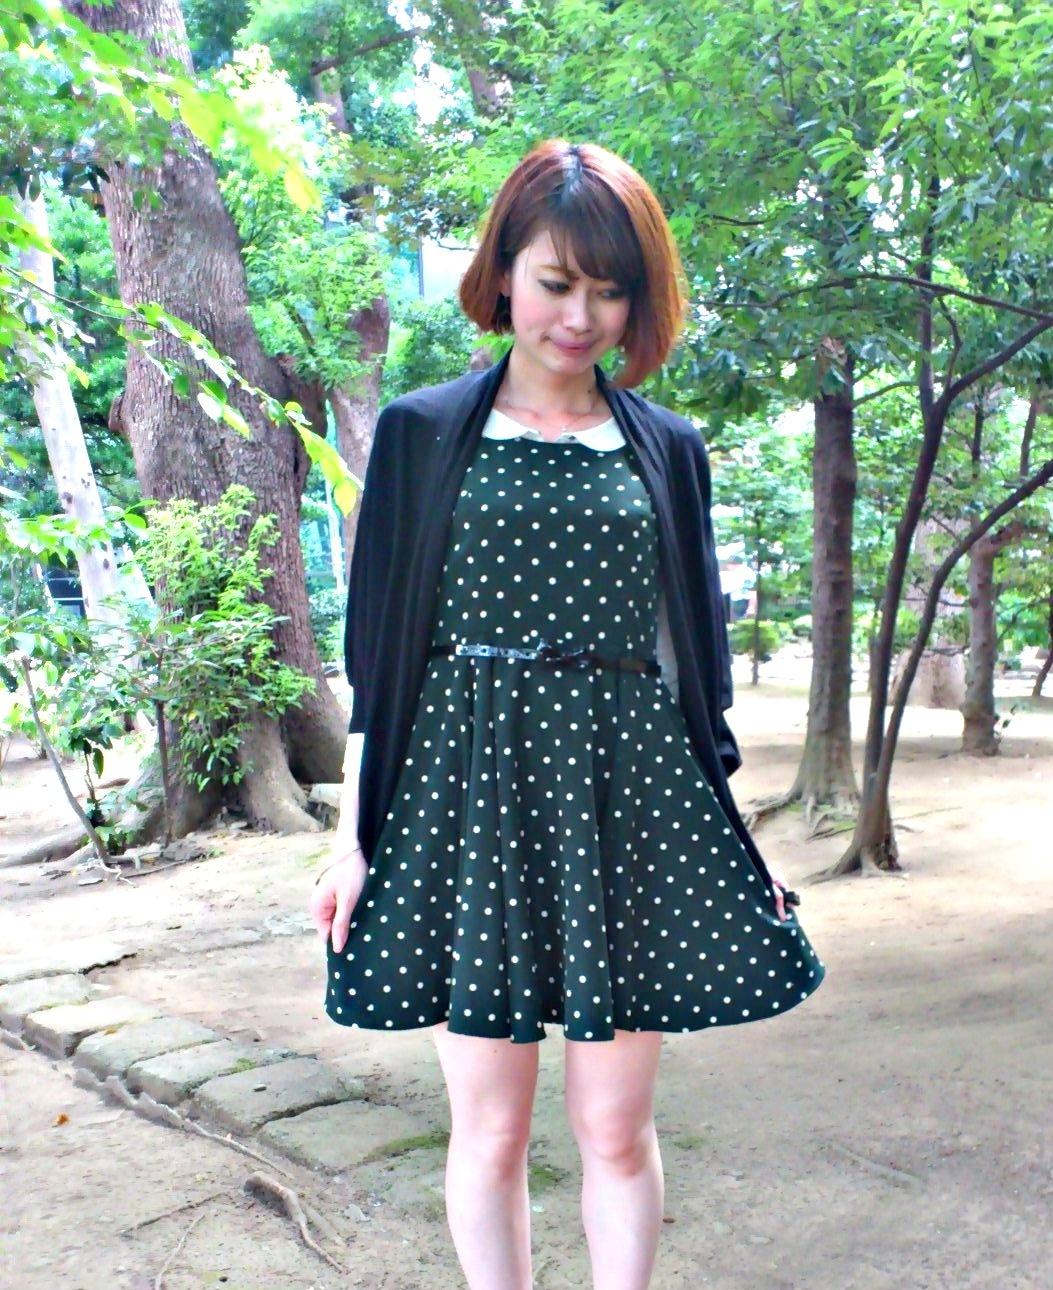 最近の秋のトレンドは?おしゃれなファッションを見つけよう♡のサムネイル画像